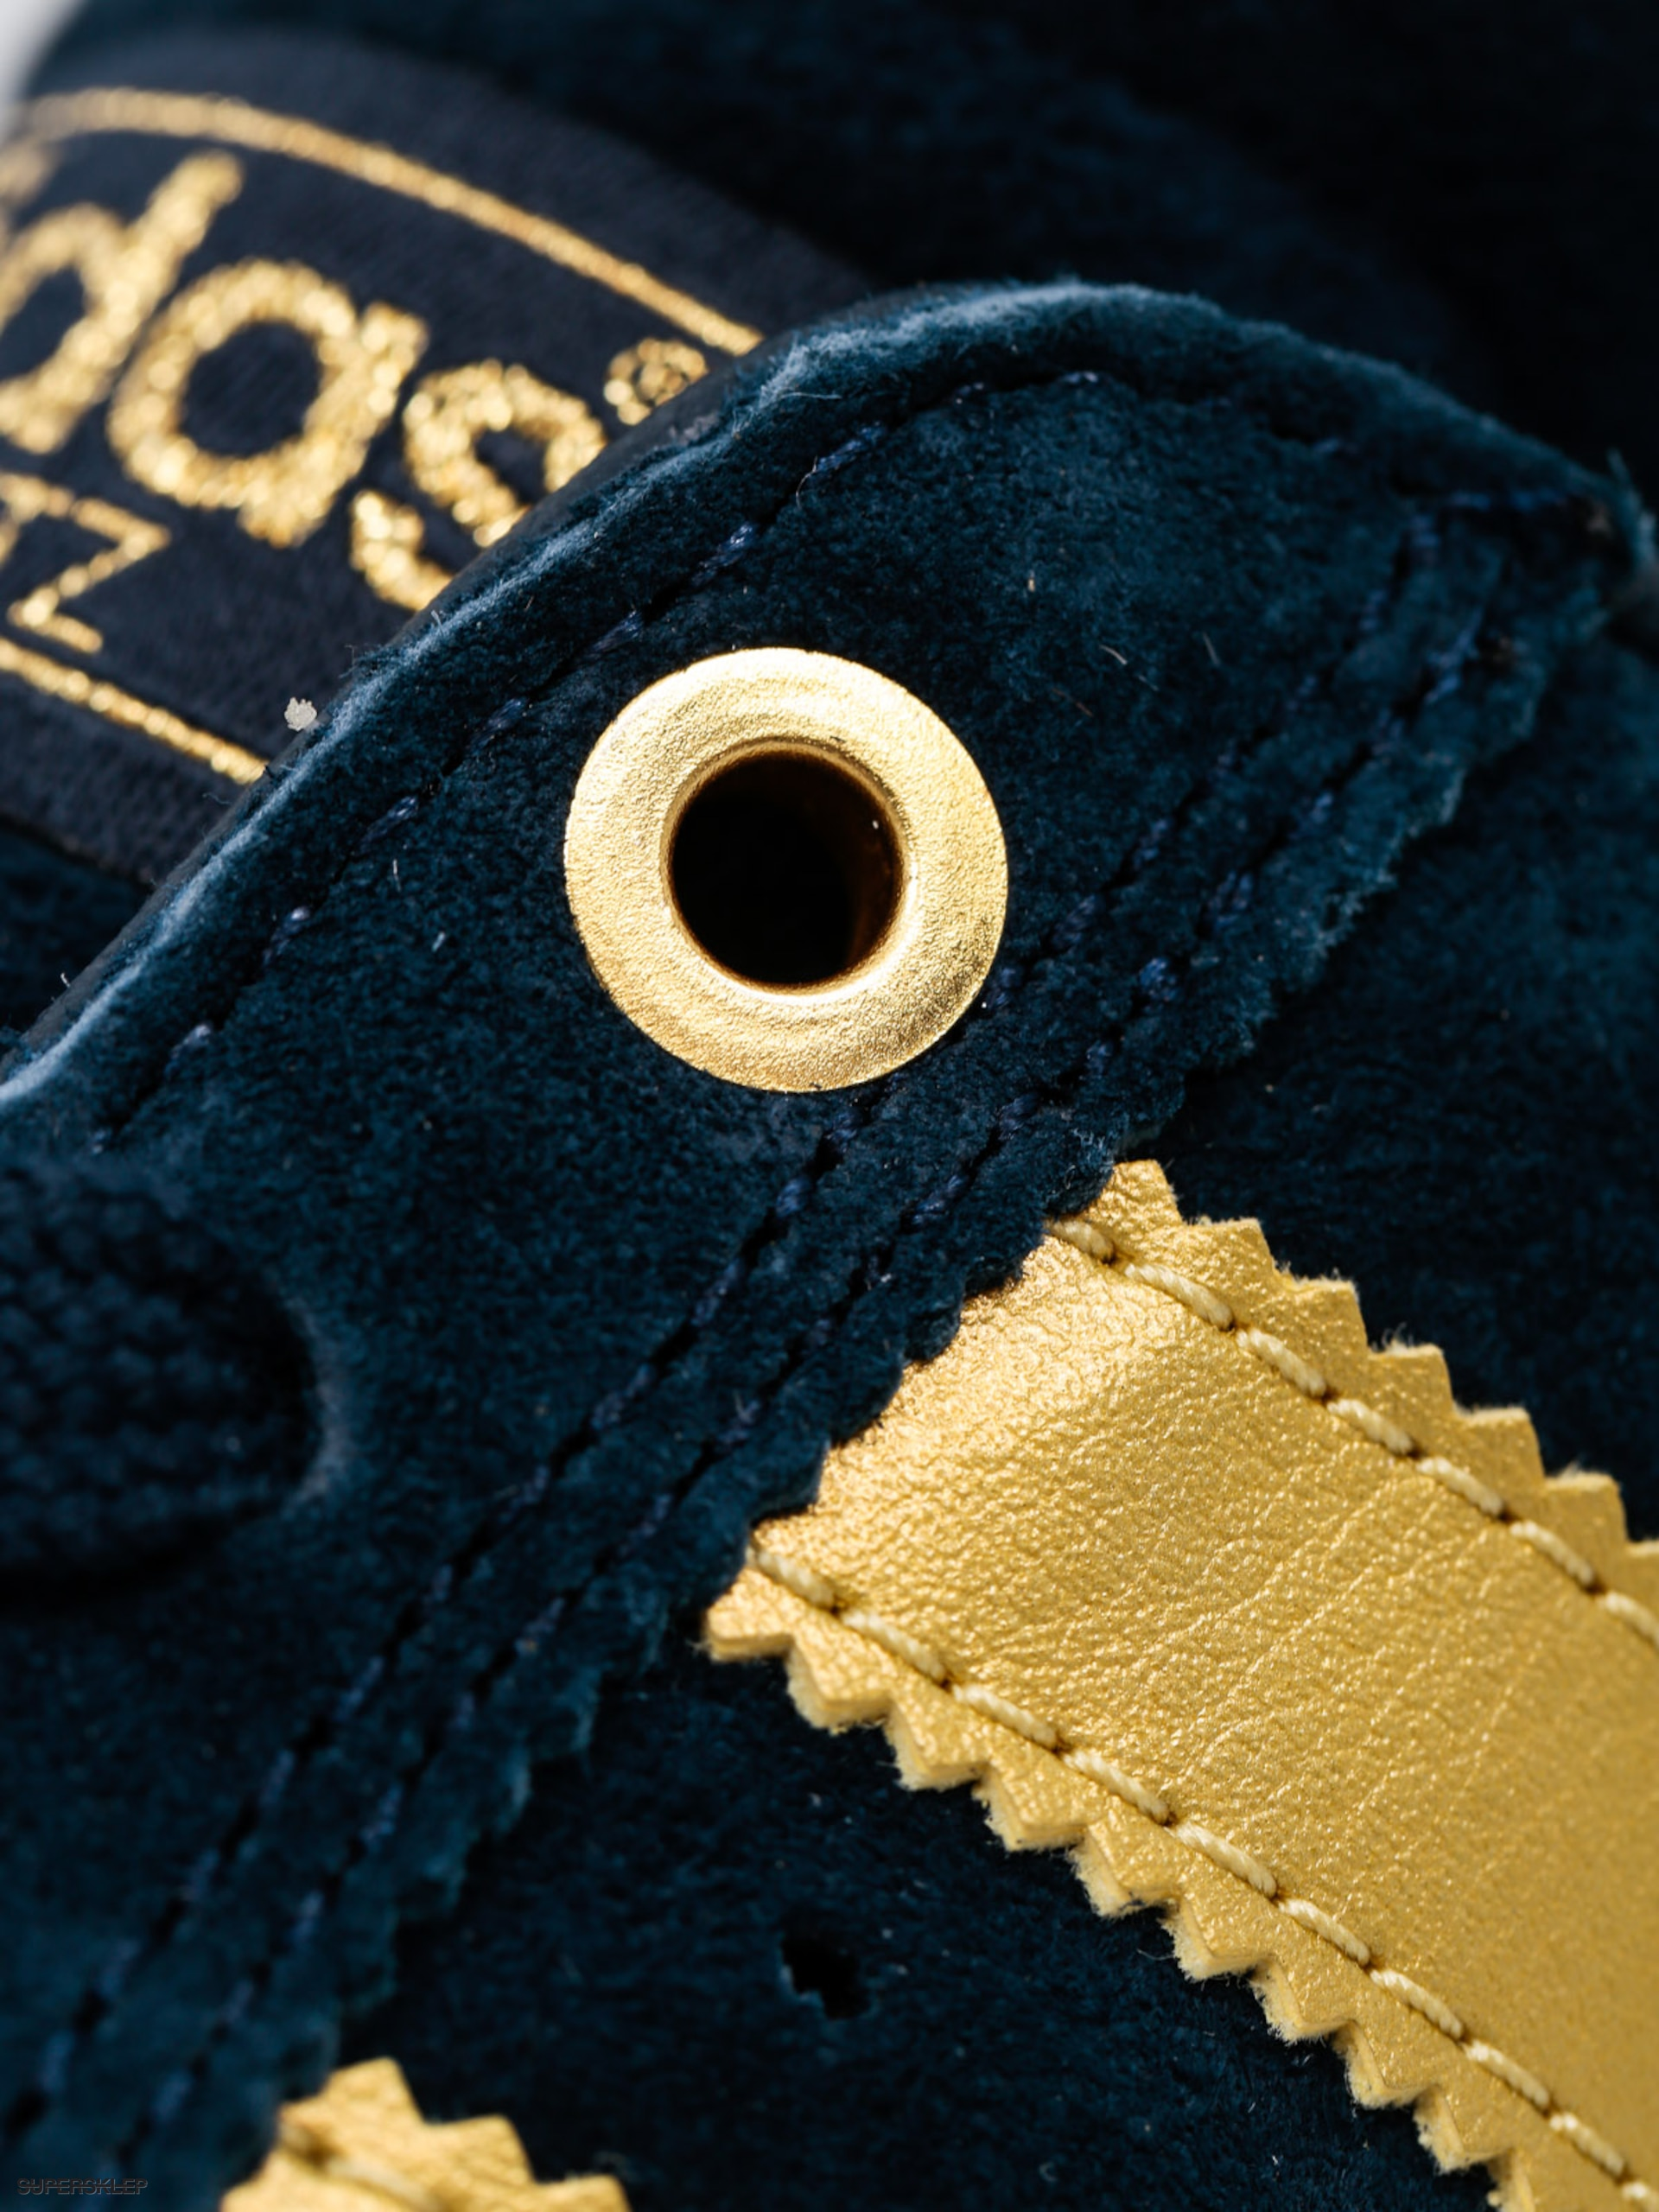 Buty adidas Busenitz Vulc Adv 10 Yr An (conavy/goldmt/ftwwht )